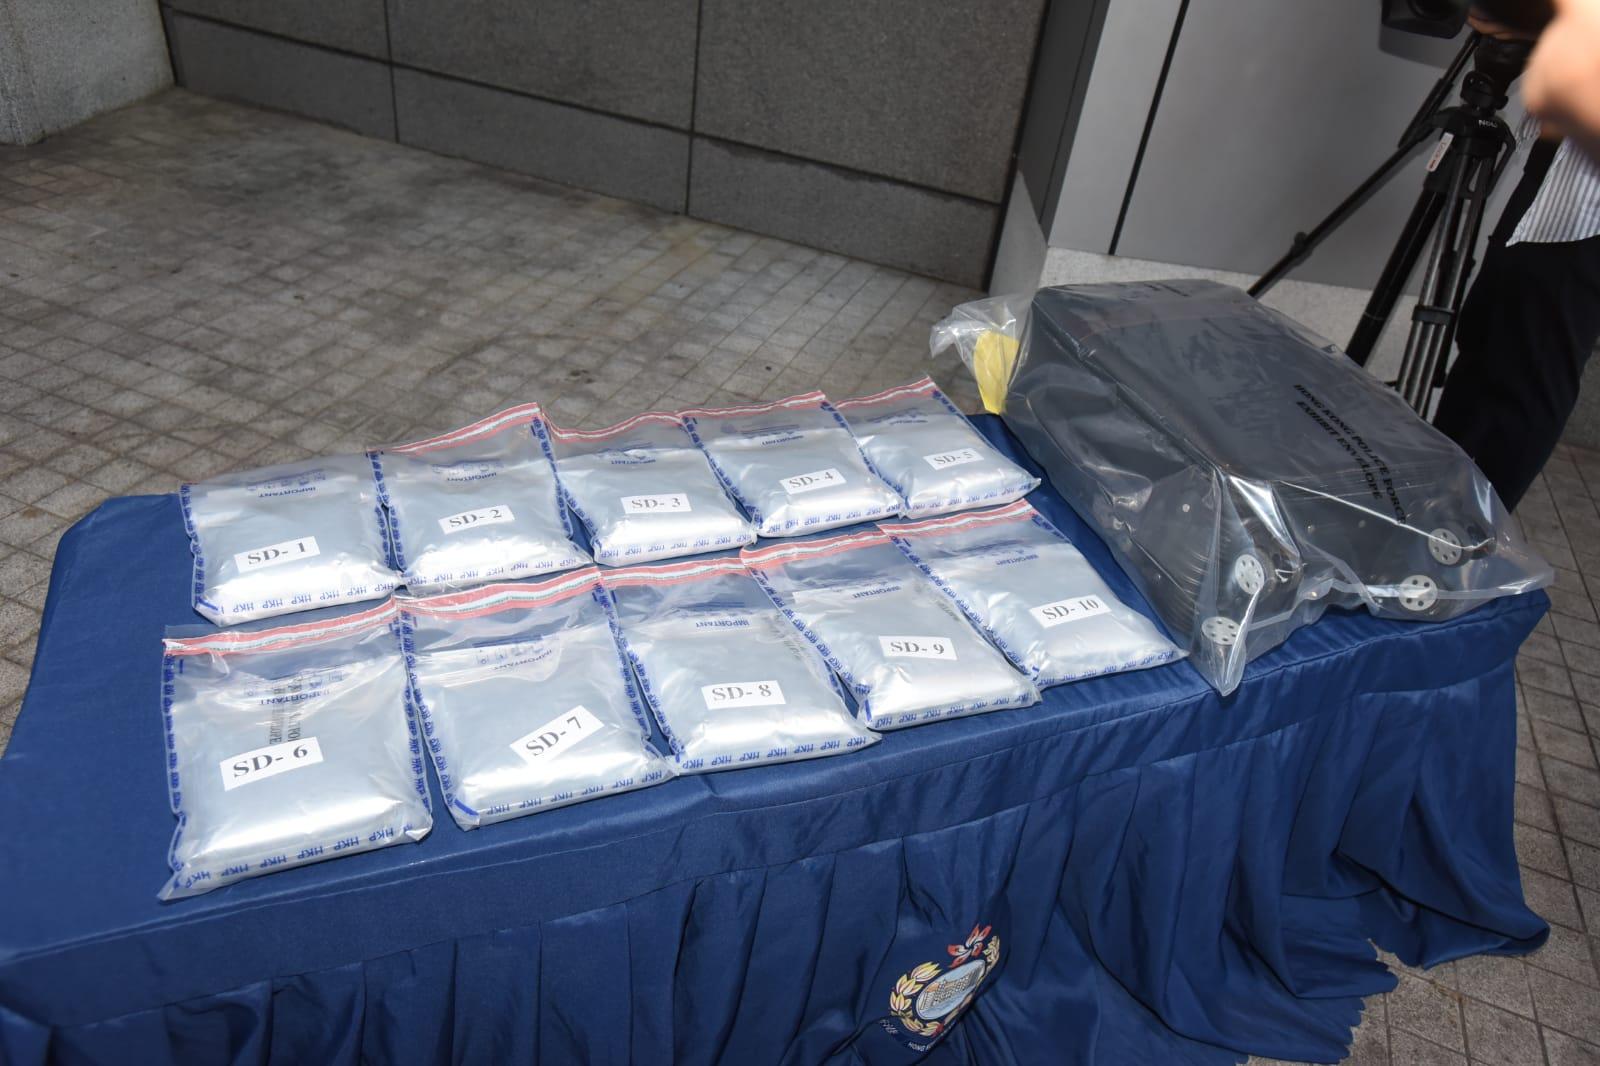 毒品並10.2公斤毒品,約值960萬港元。